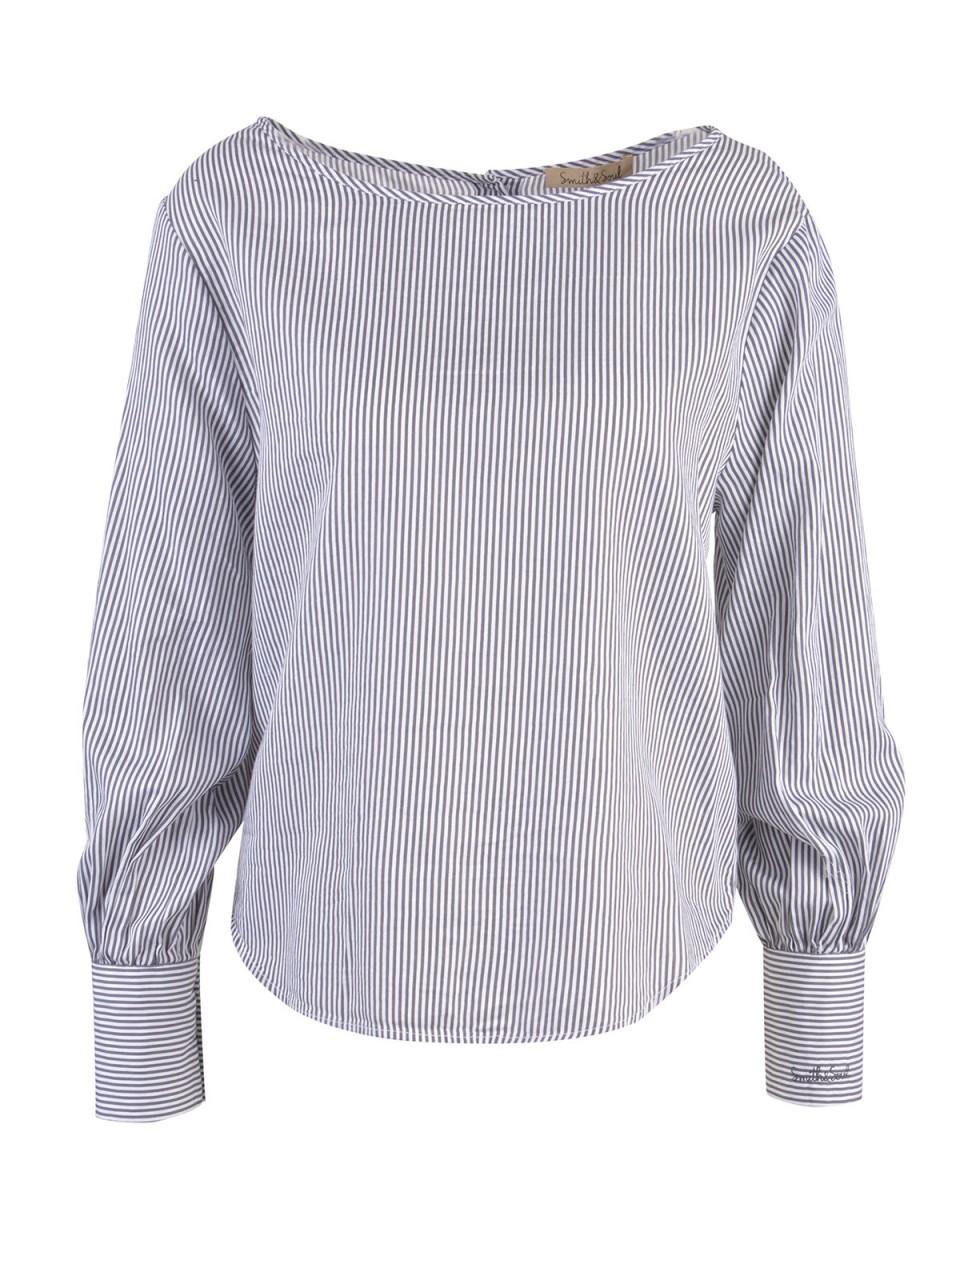 Oberteile - SMITH SOUL Damen Bluse, grau  - Onlineshop Designermode.com